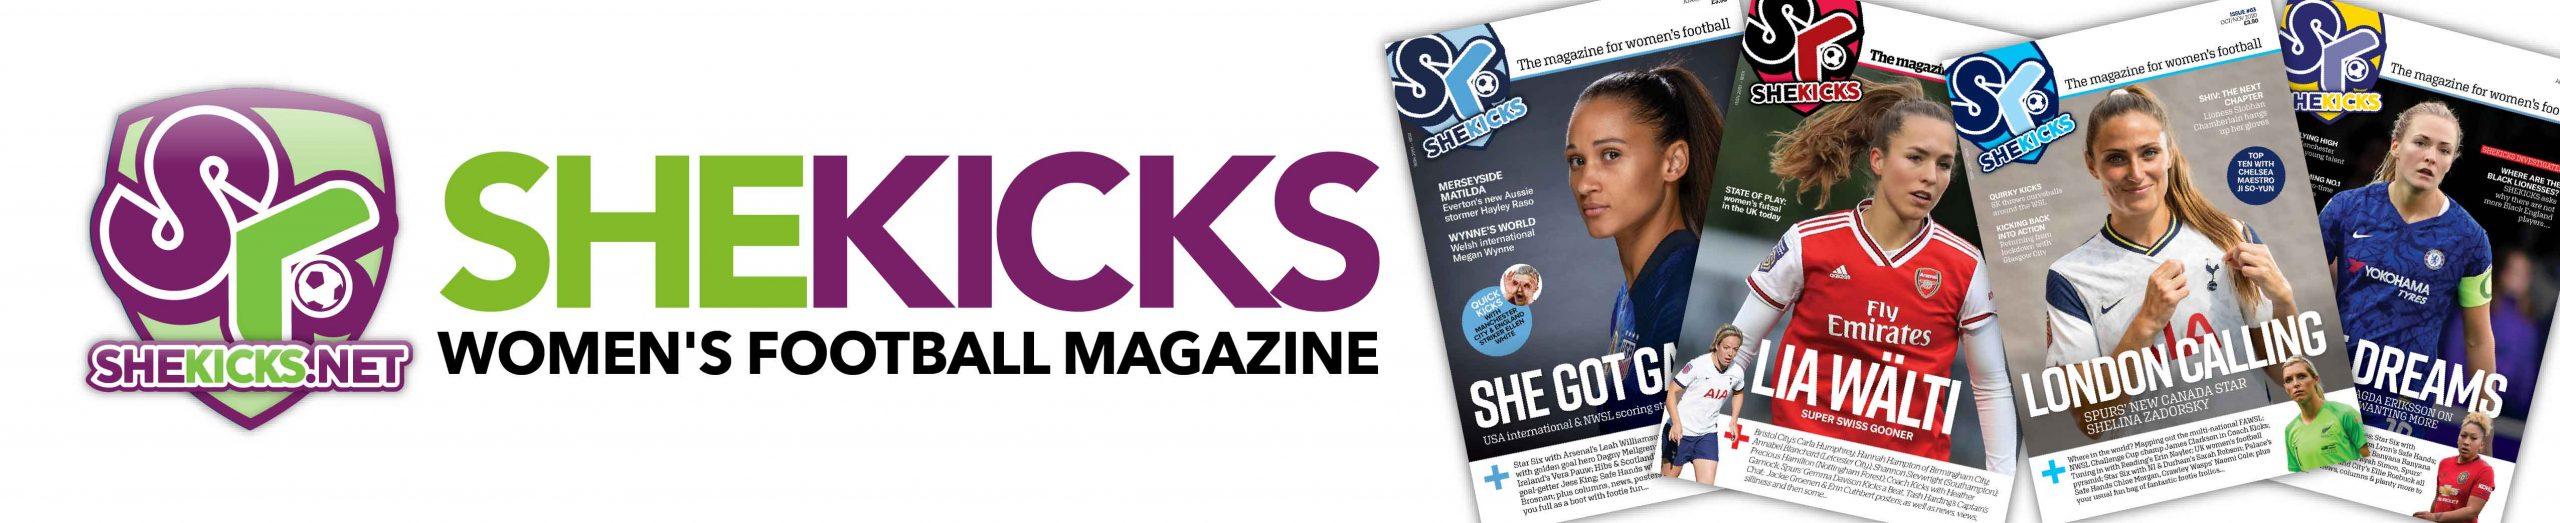 SheKicks